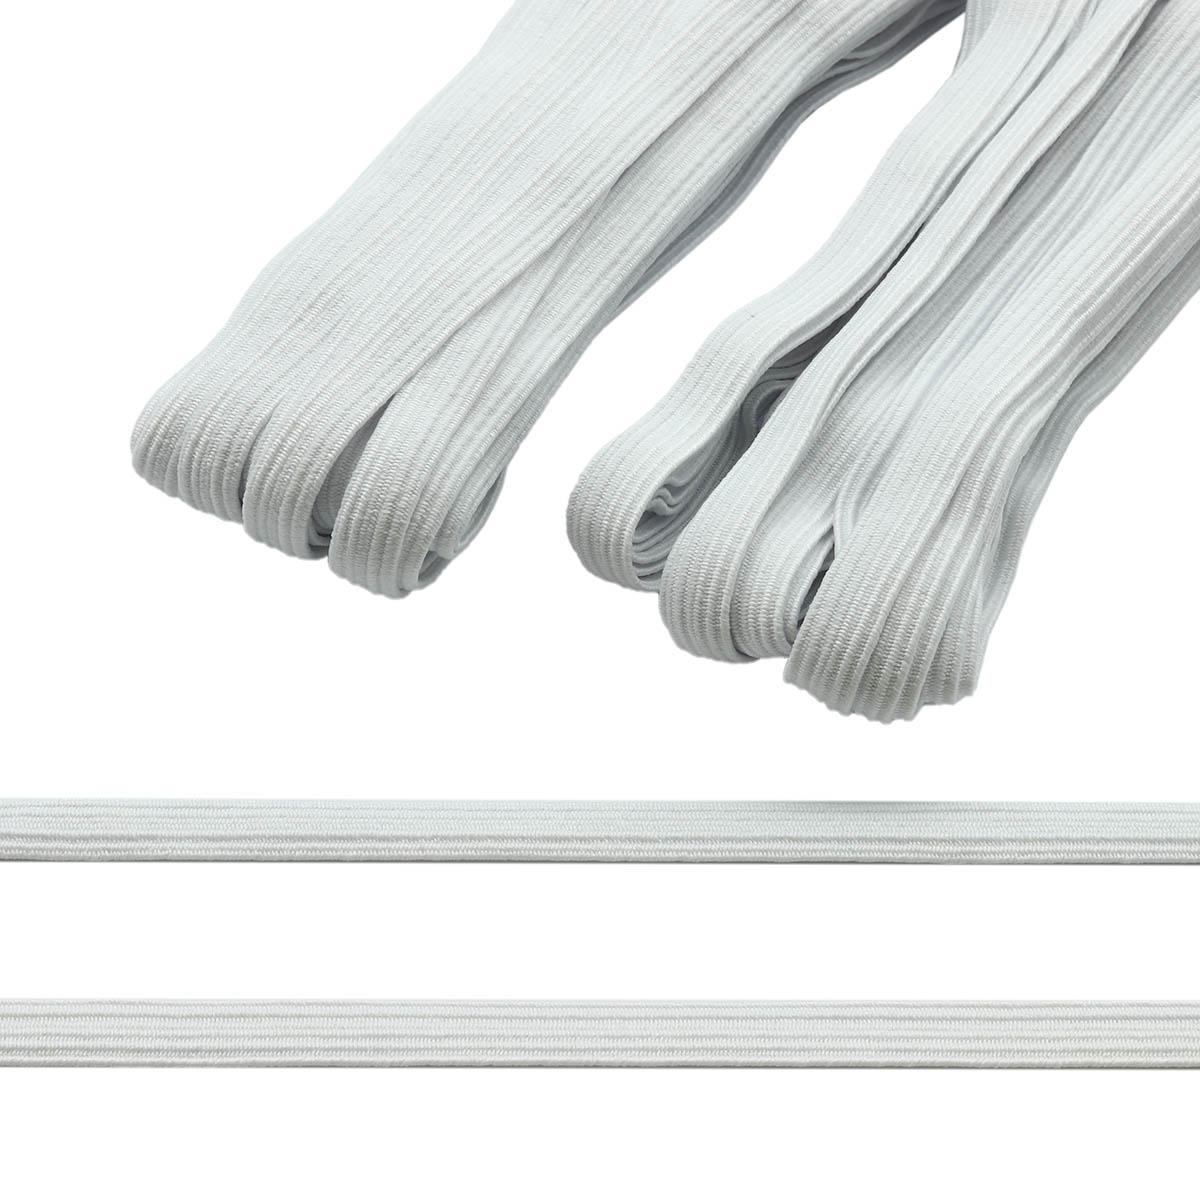 Резинка-продежка (тесьма эластичная) 10 мм (2 мот по 10м), цв. белый, белый